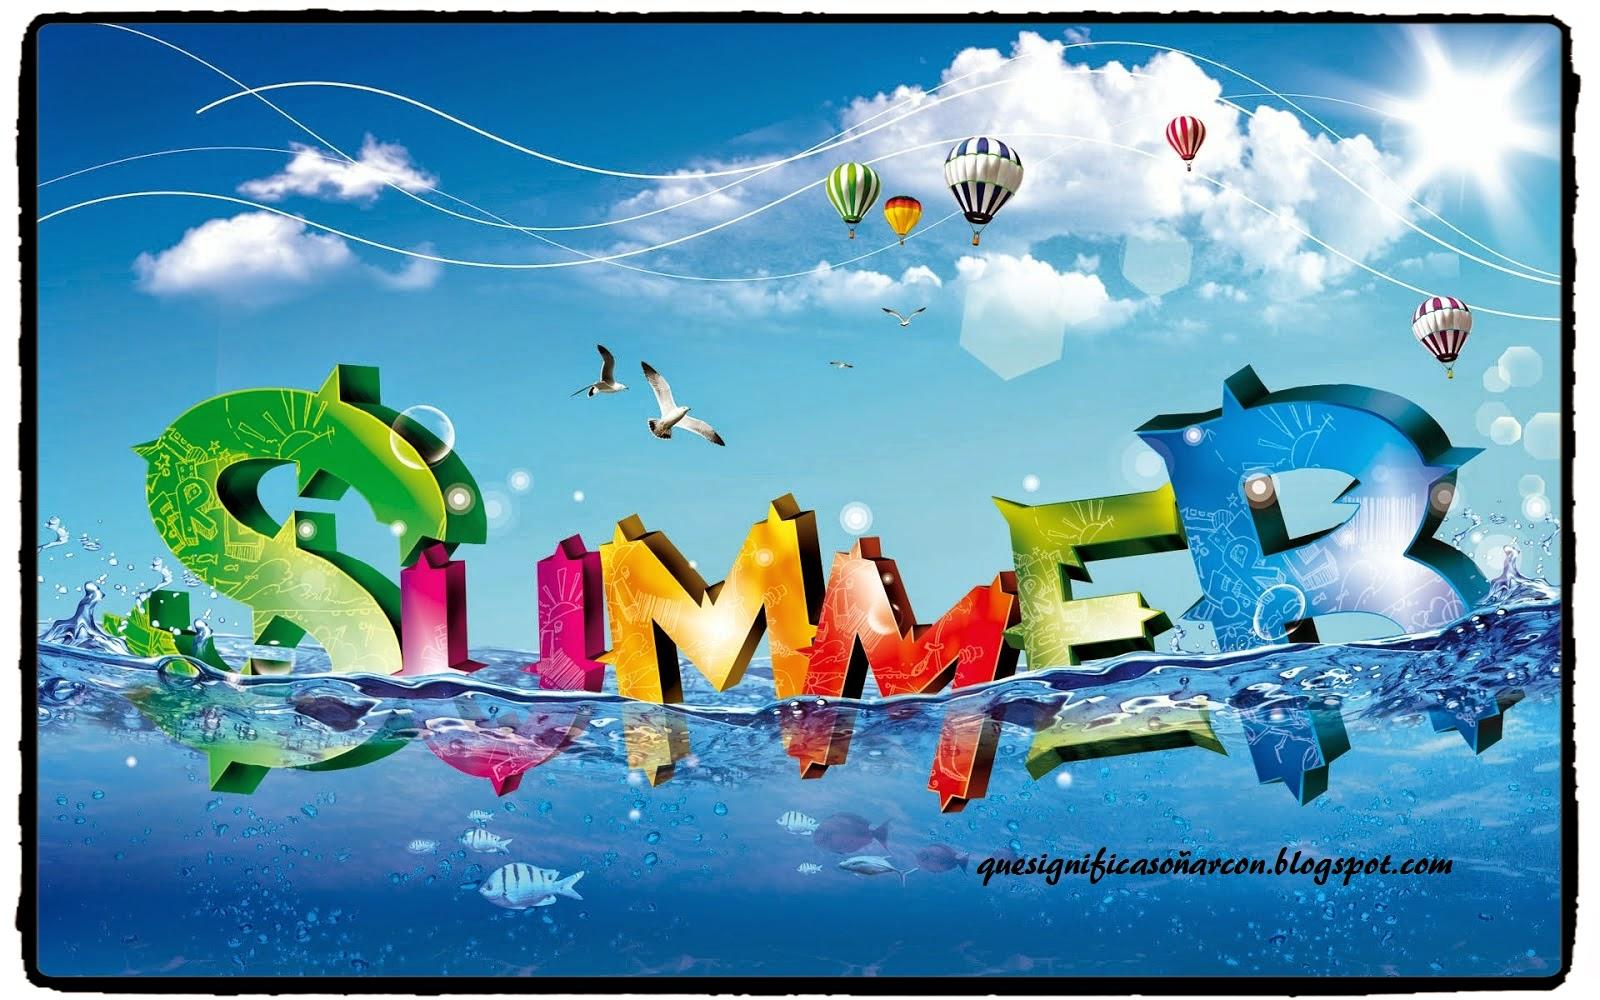 soñar con el verano que significado tiene